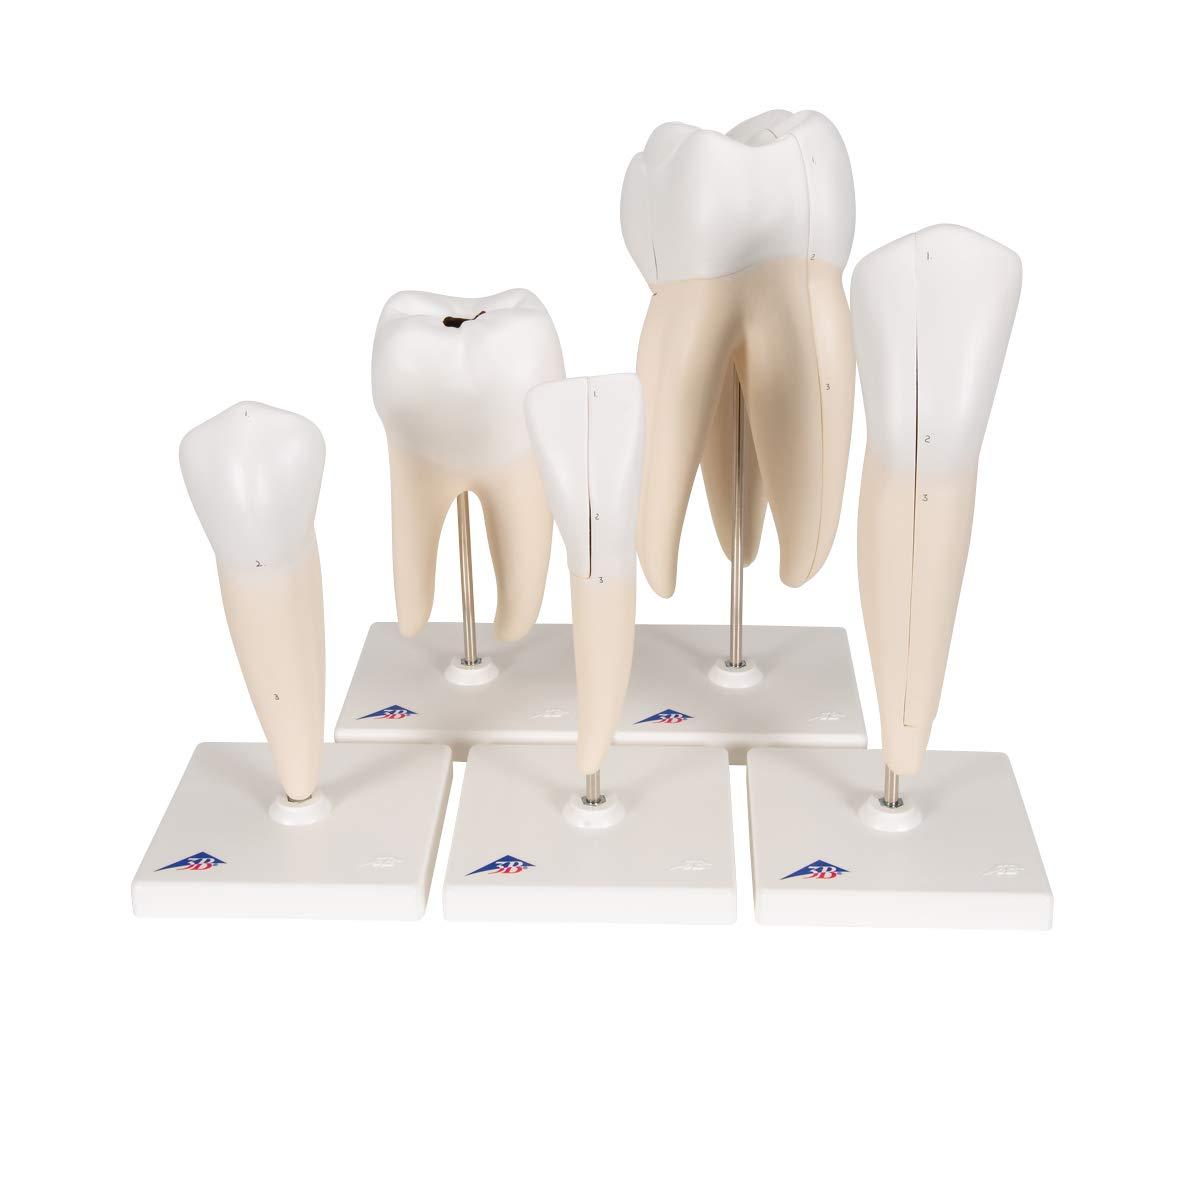 人気商品 歯のシリーズ,8倍大モデルセット 5個セット 5個セット B005DTL9LW B005DTL9LW, 浜中町:eb321483 --- a0267596.xsph.ru